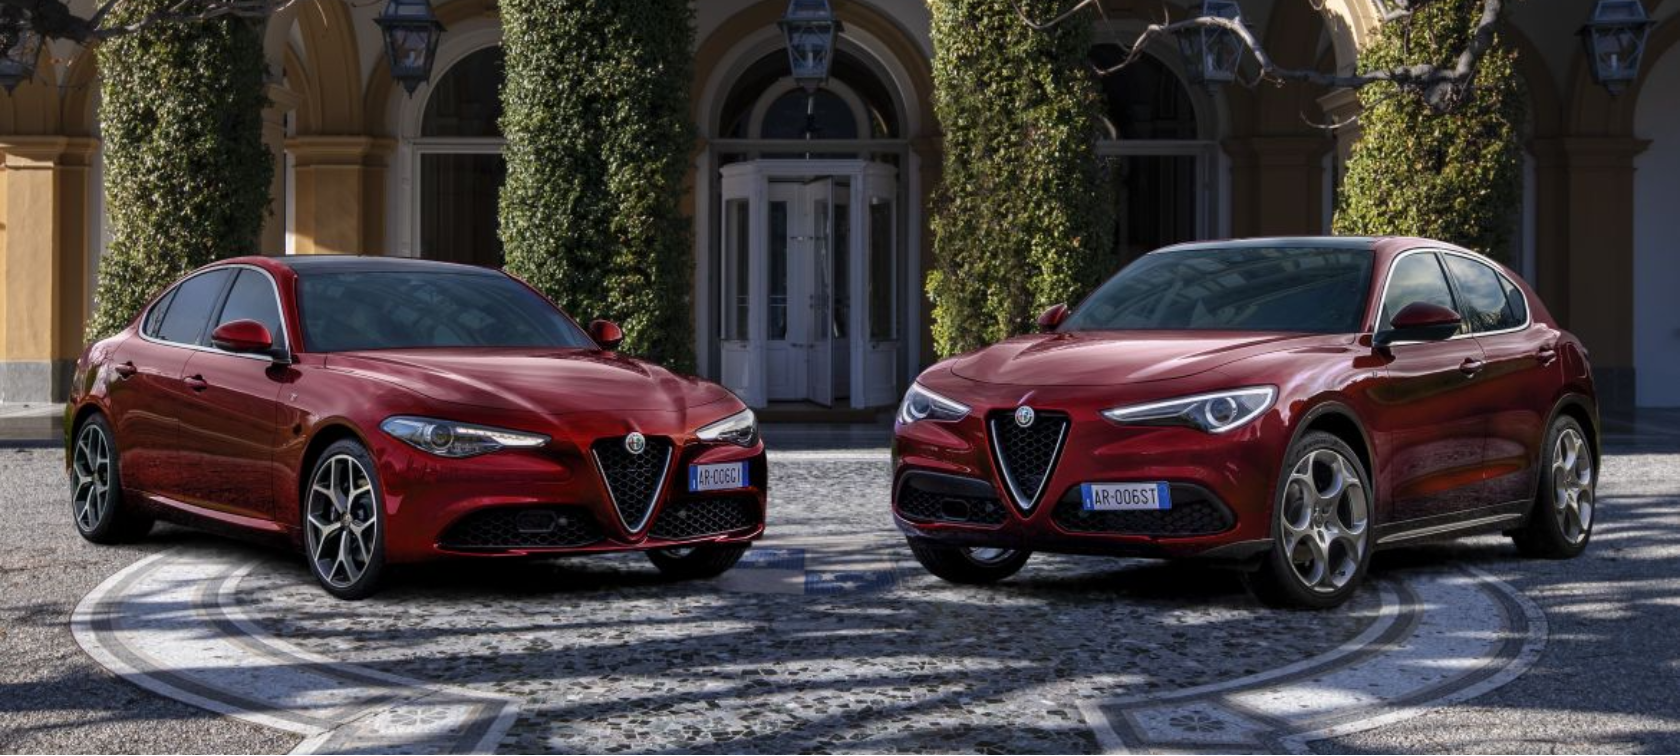 Auto Garant Giulia i Stelvio 6C Villa dEste: Omaž oličenju elegancije